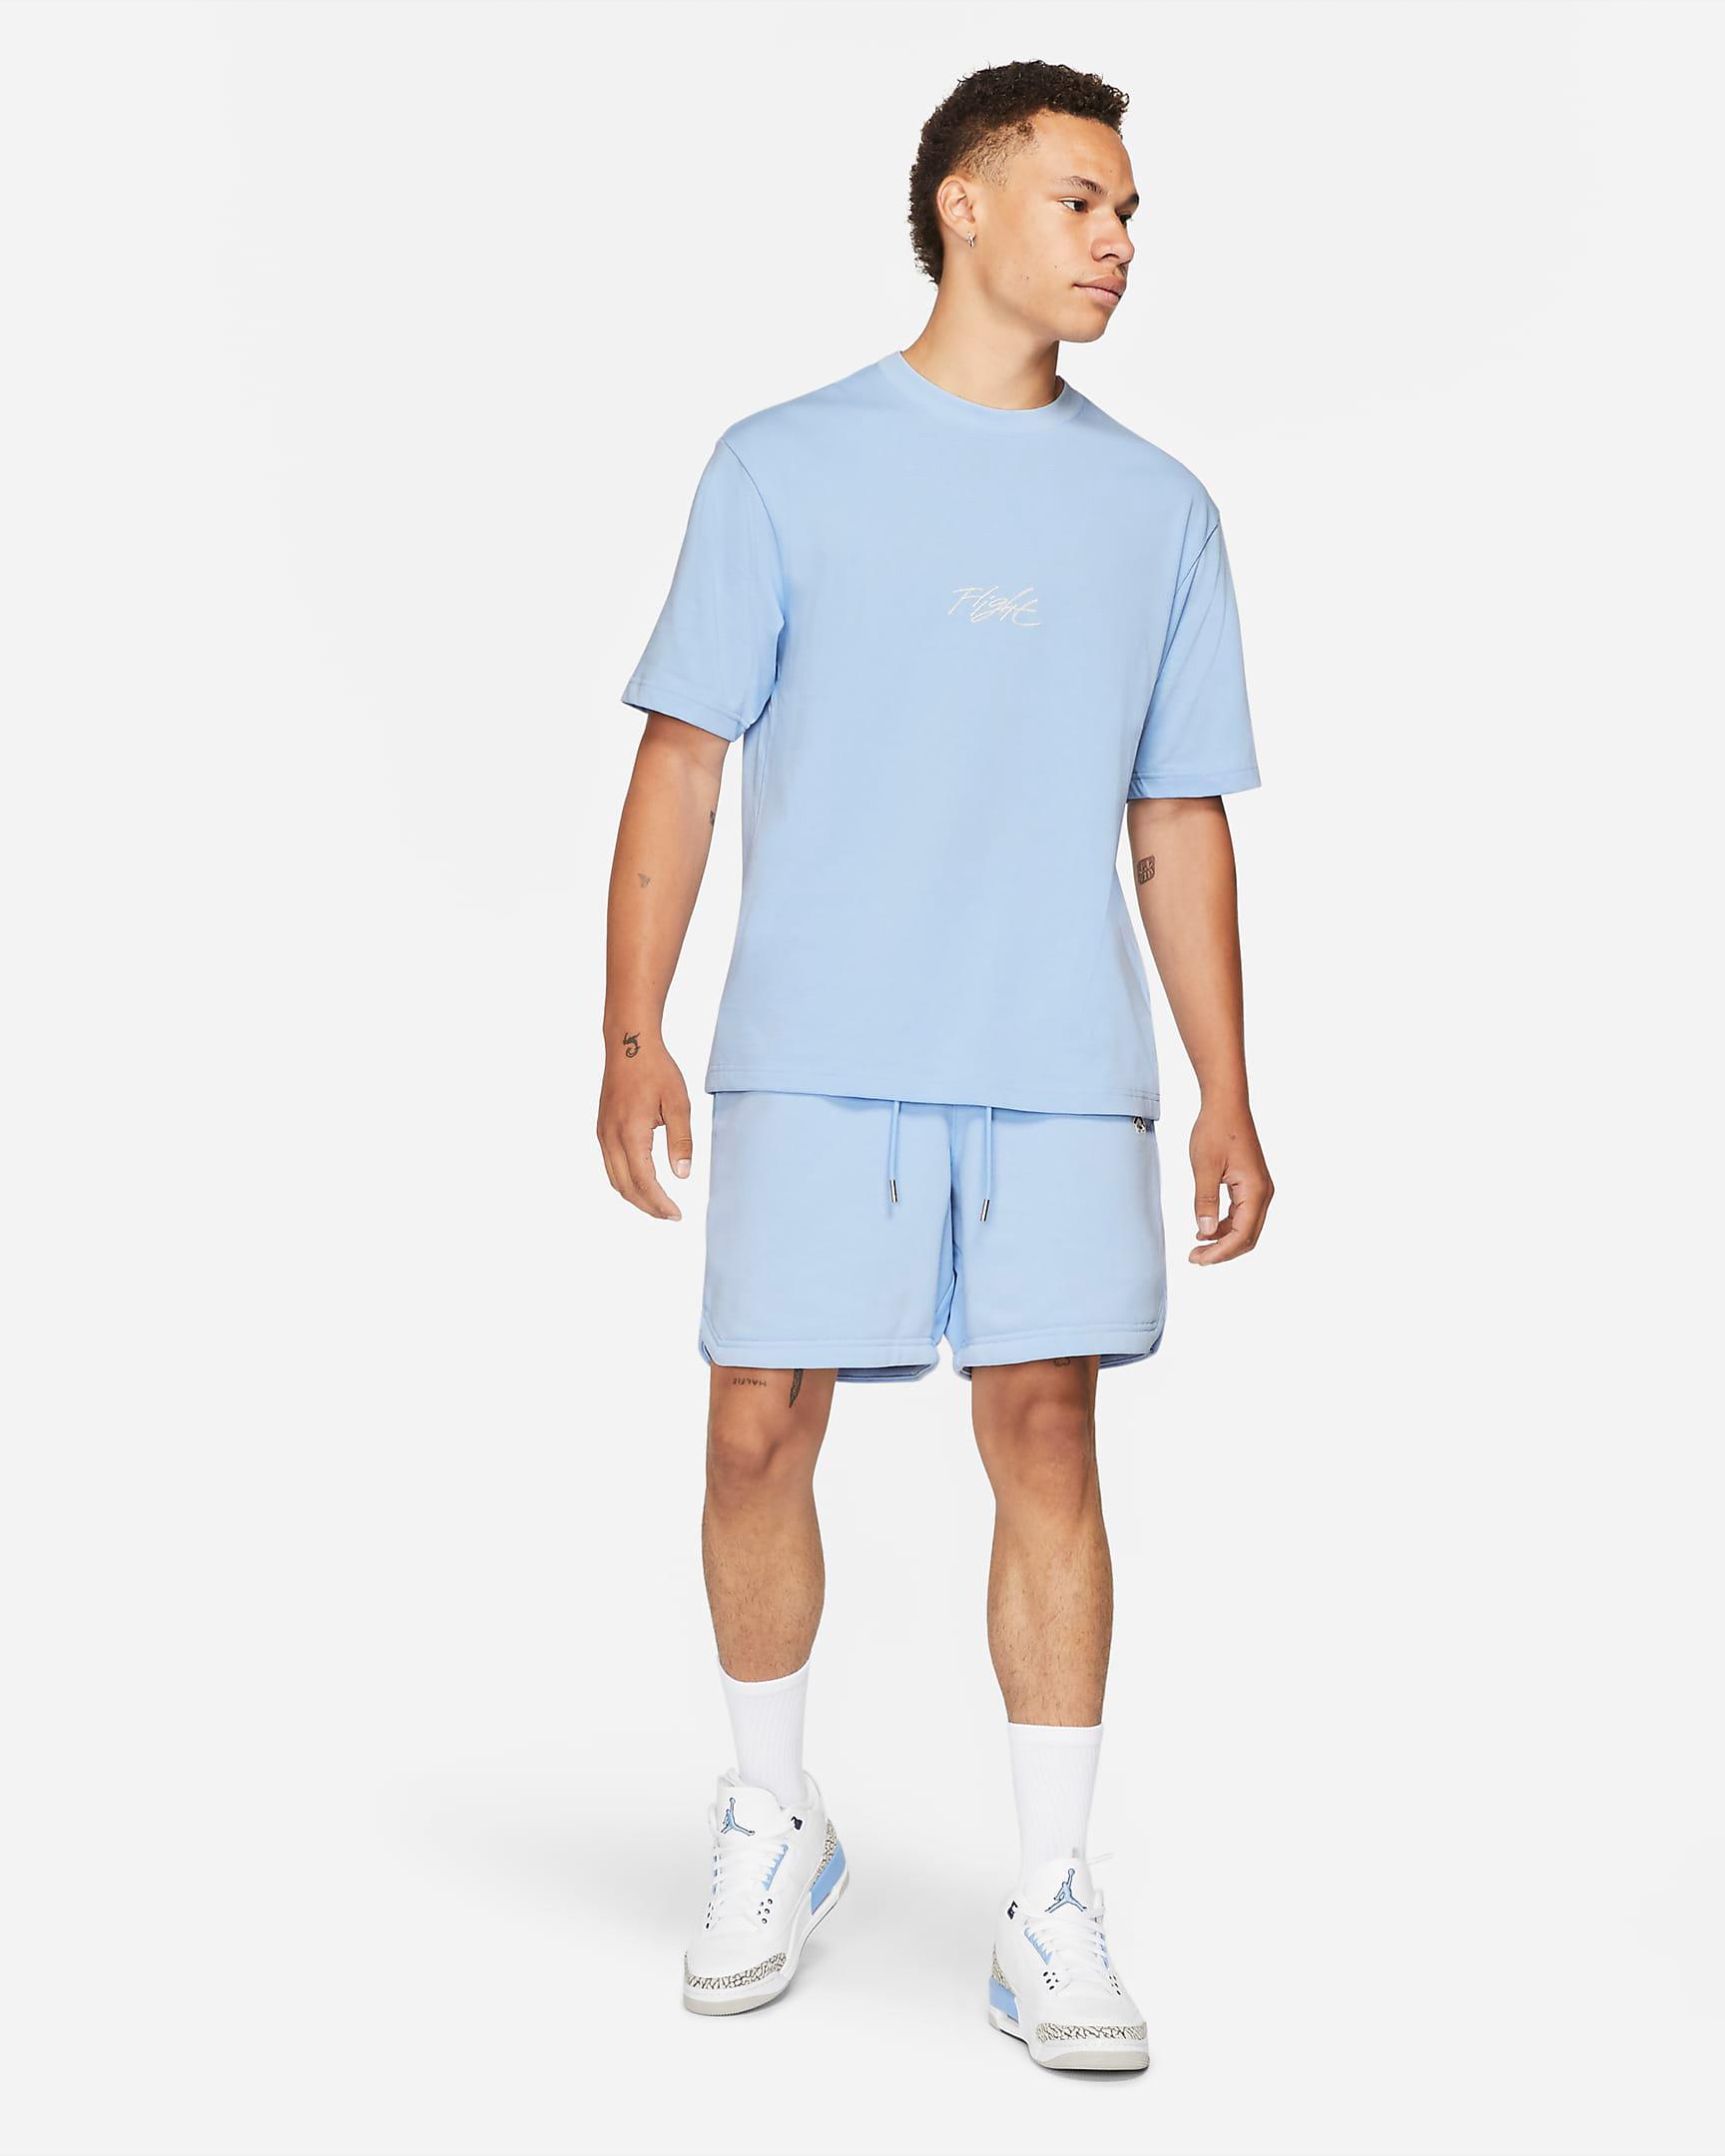 jordan-5-bluebird-shirt-shorts-outfit